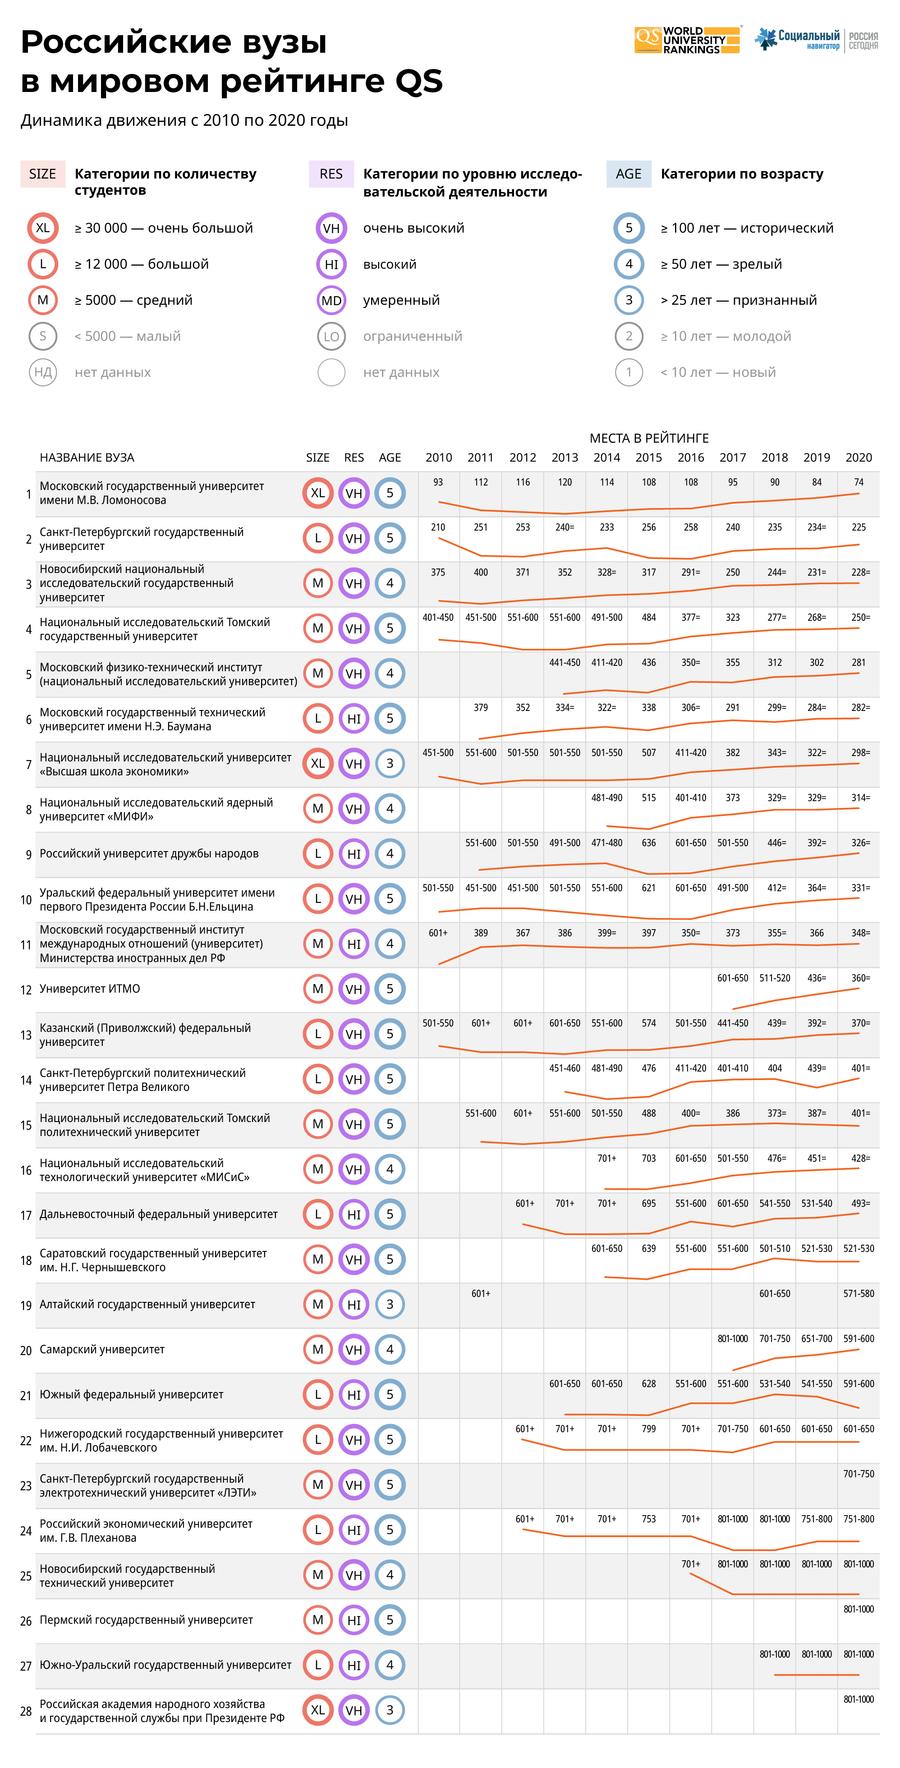 Российские вузы в мировом рейтинге QS - 2020